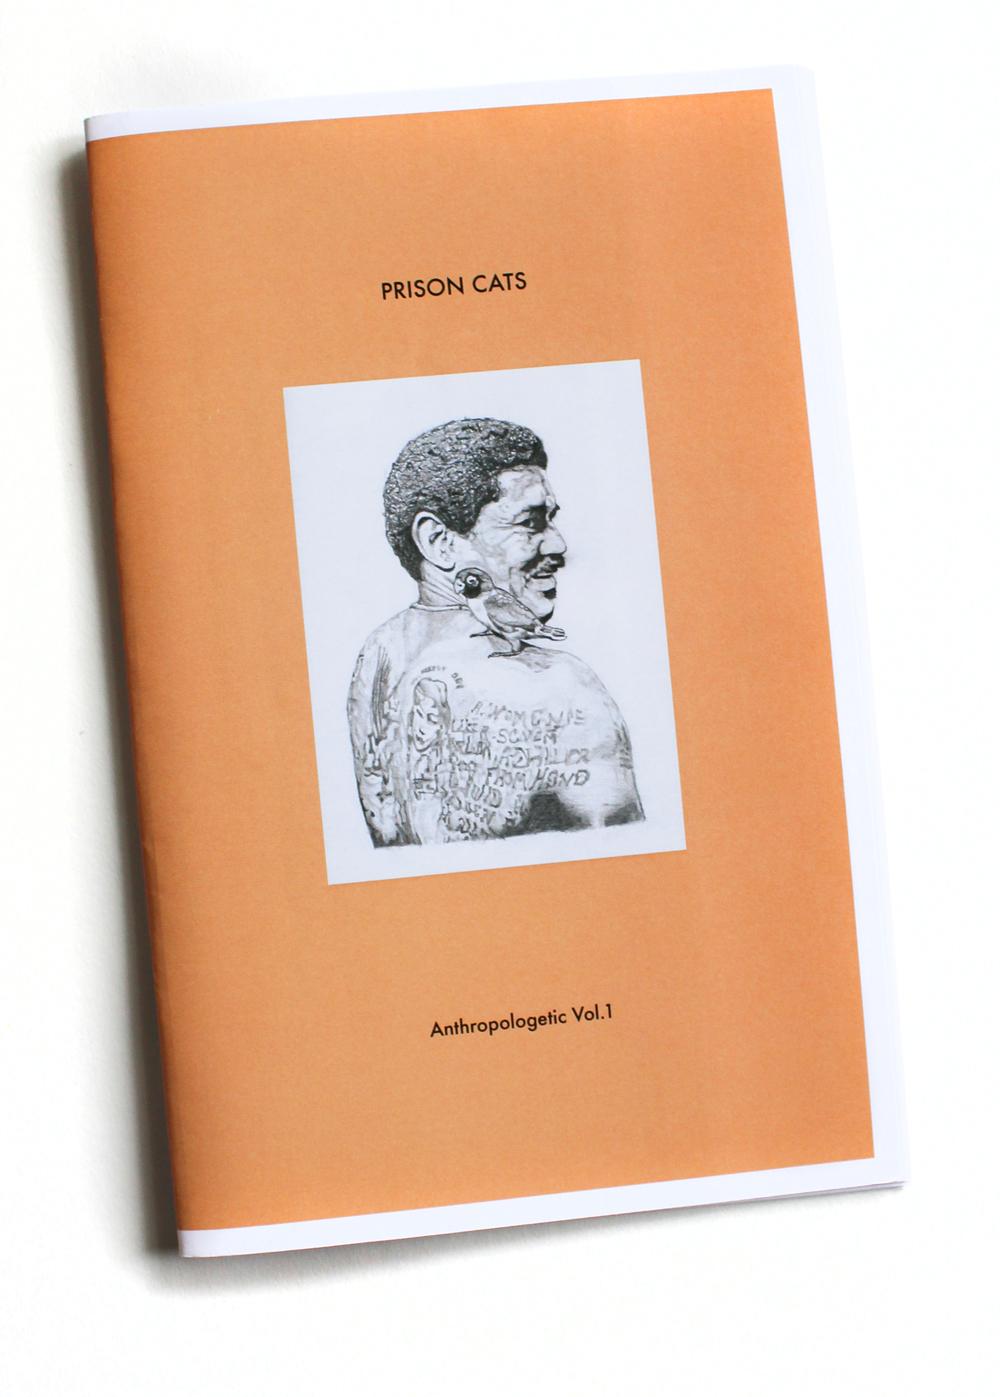 prisoncats_cover.jpg